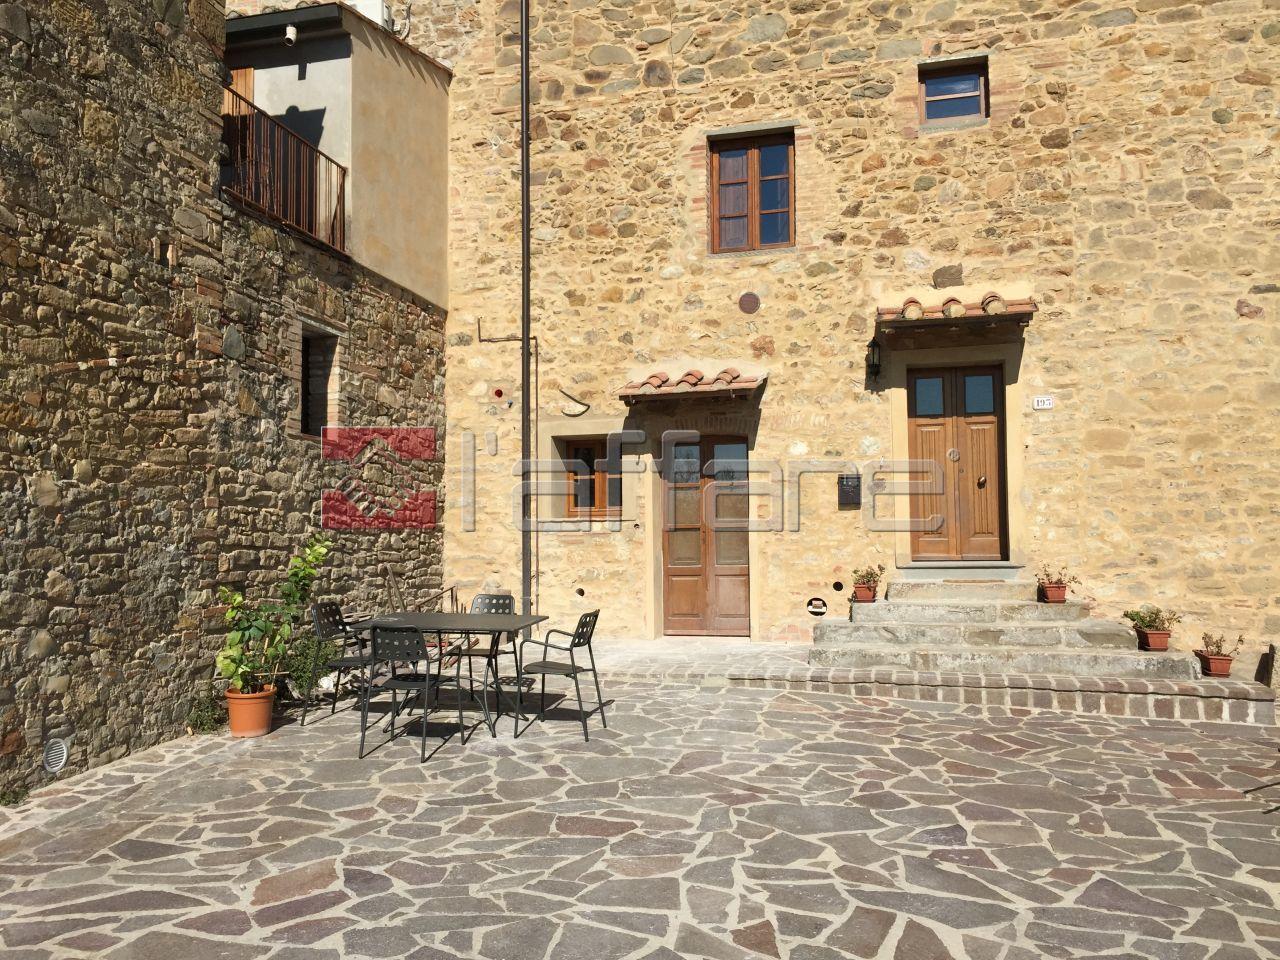 Appartamento in vendita a Chianni, 4 locali, prezzo € 189.000 | Cambio Casa.it